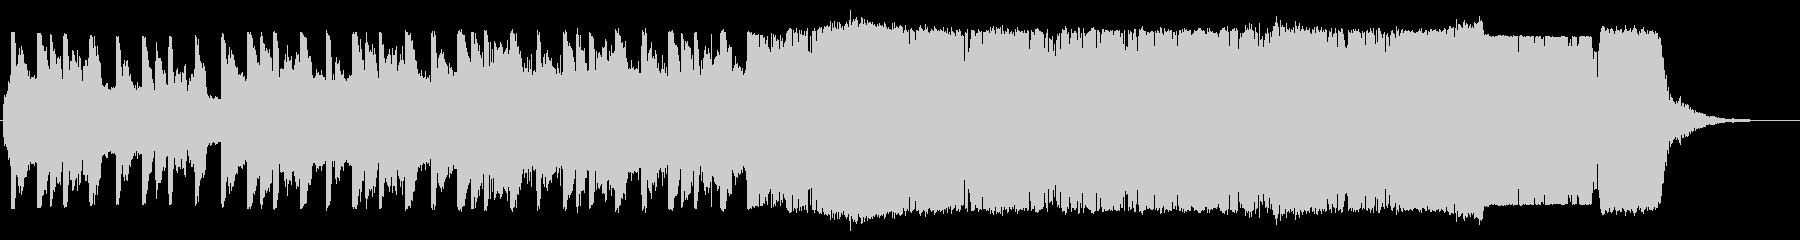 バラエティ/明るい/ノリノリ/軽快ロックの未再生の波形